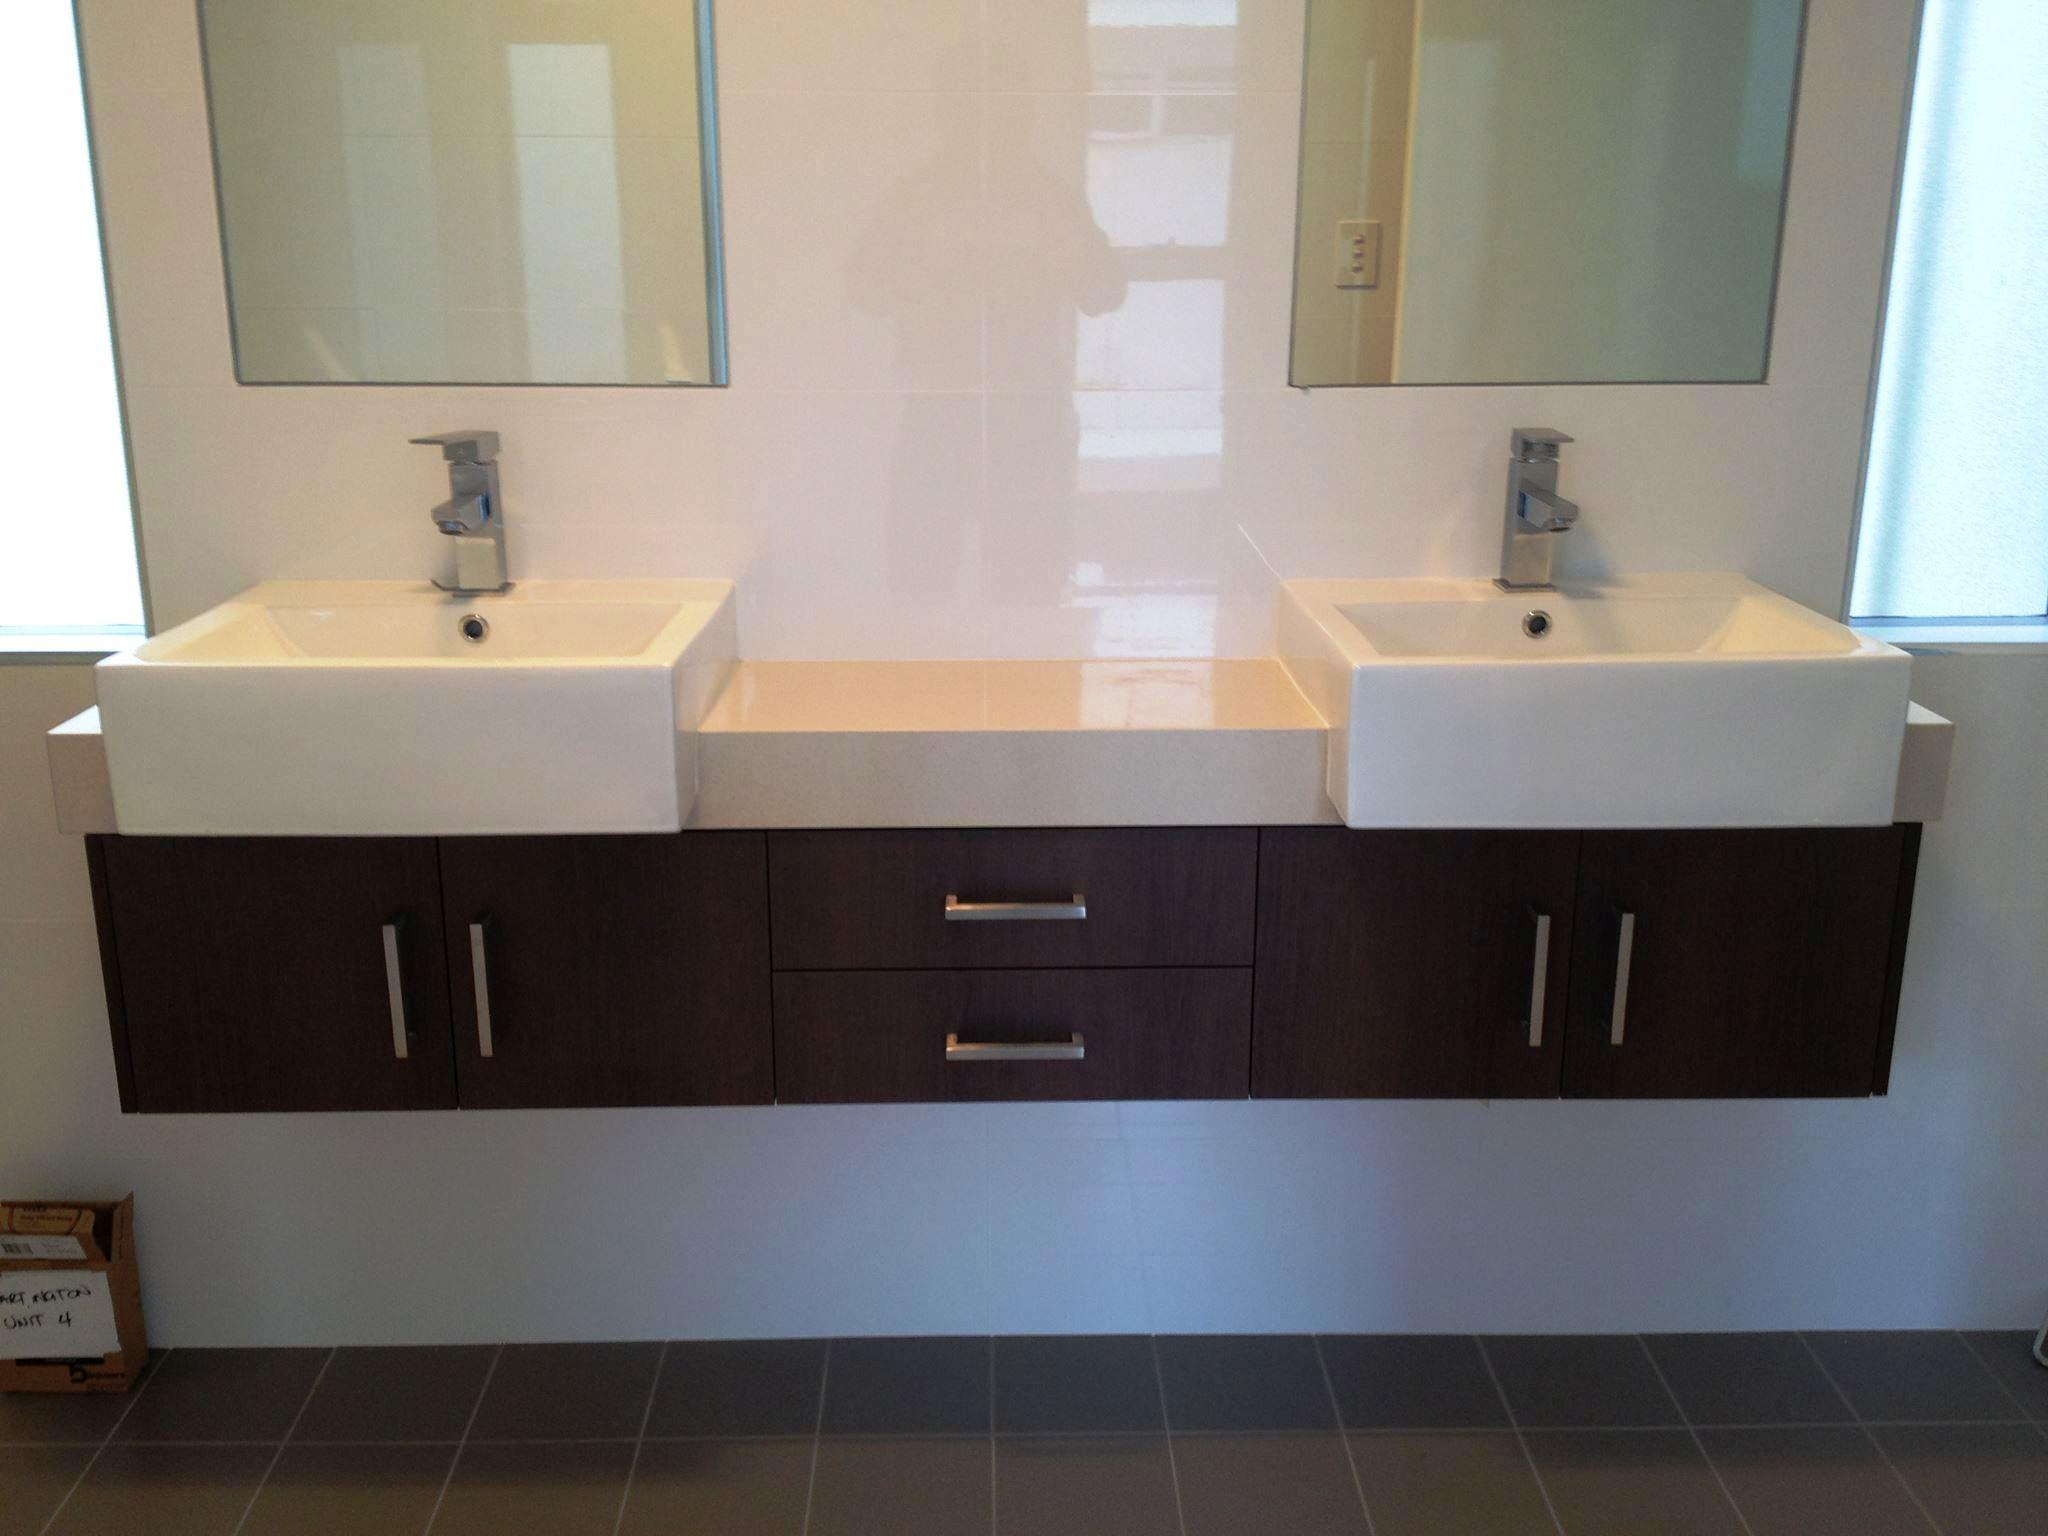 Stone granite marble vanity tops for bathrooms in perth - Discount granite bathroom vanity tops ...